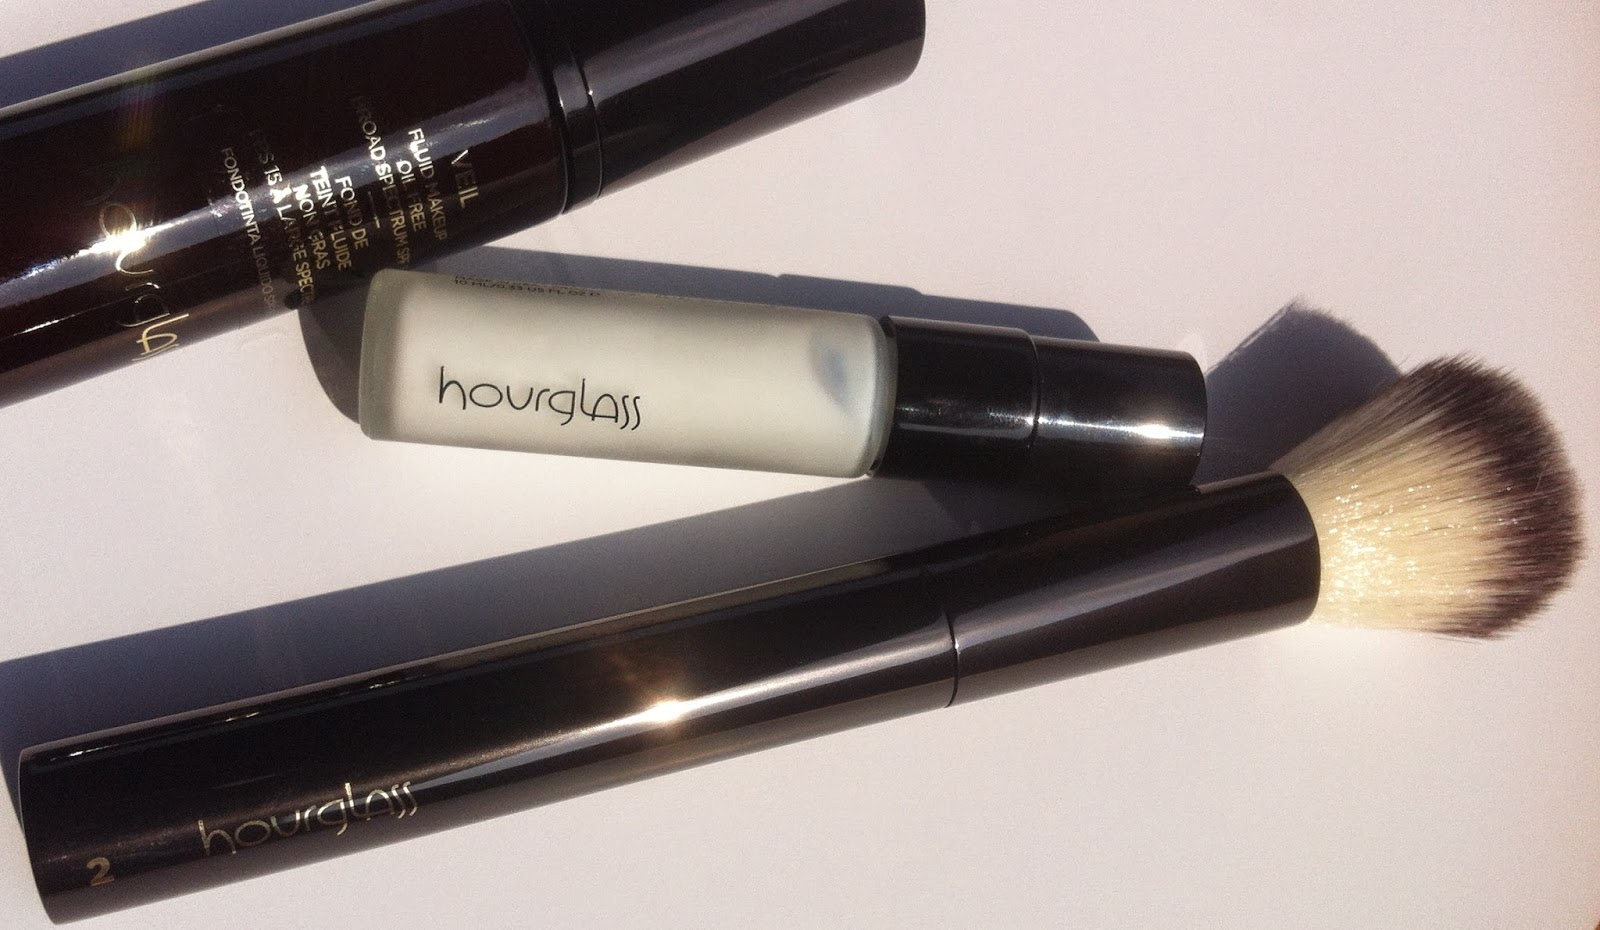 hourglass cosmetics italia, veil primer recensione review, veil fluid make up, brush no 2